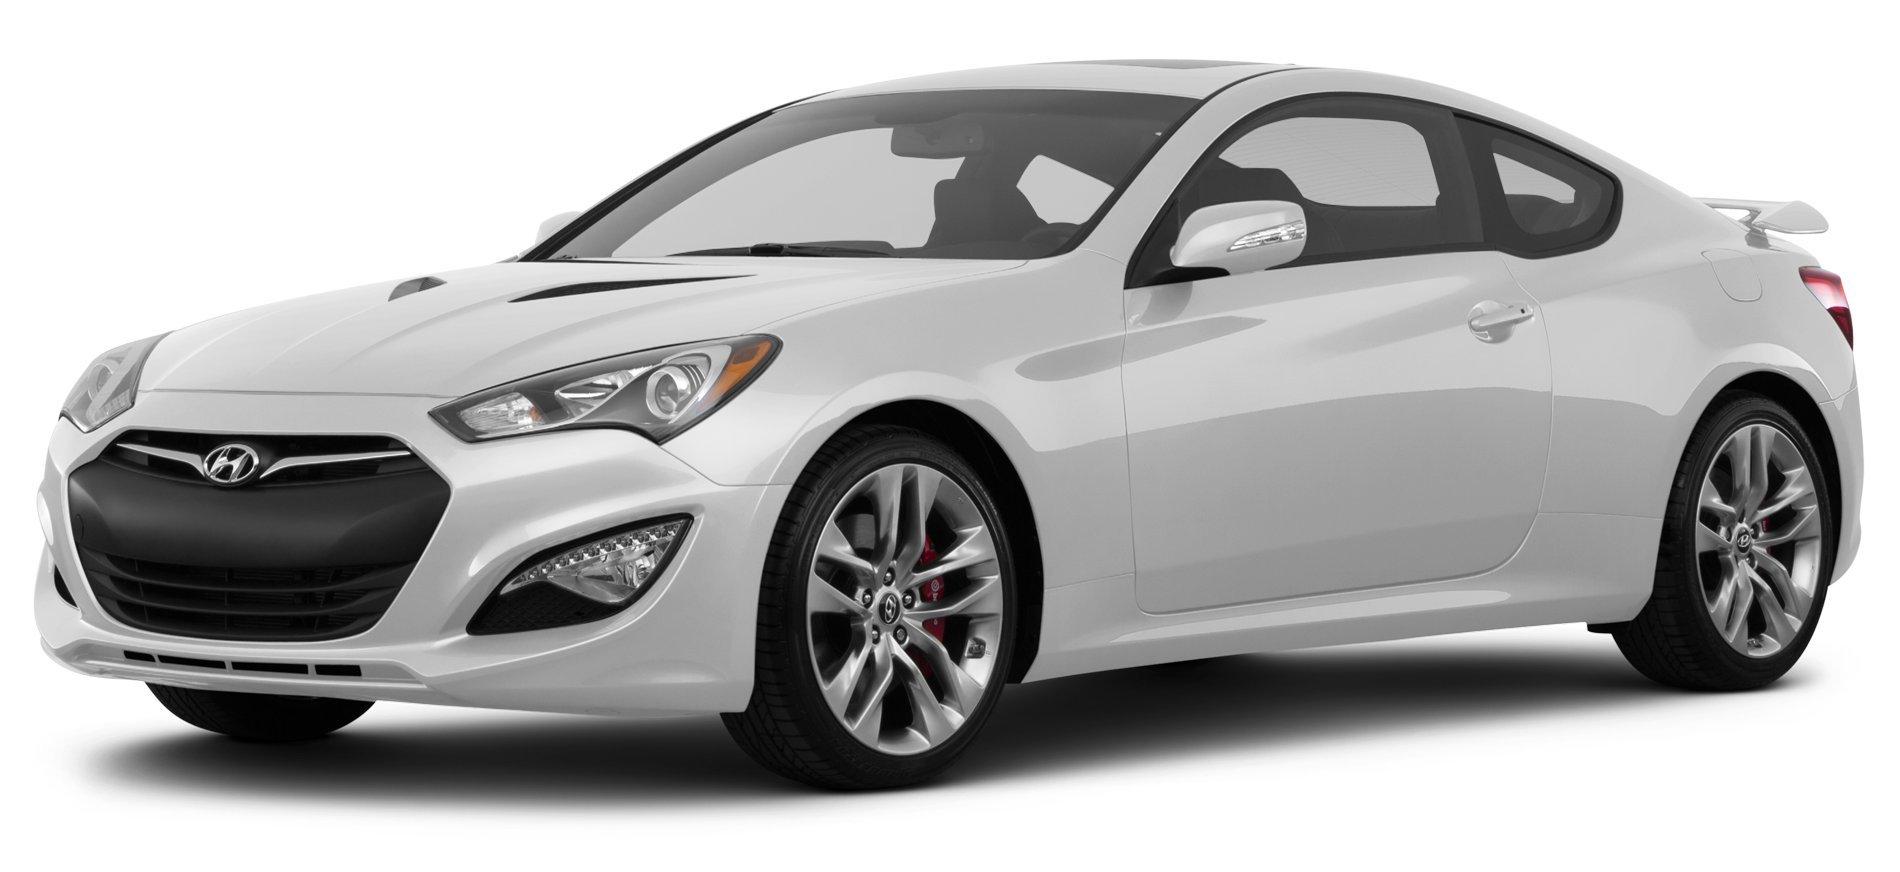 8ffadfc66d ... 2016 Hyundai Genesis Coupe 3.8L Ultimate, 2-Door Manual Transmission  w/Black ...